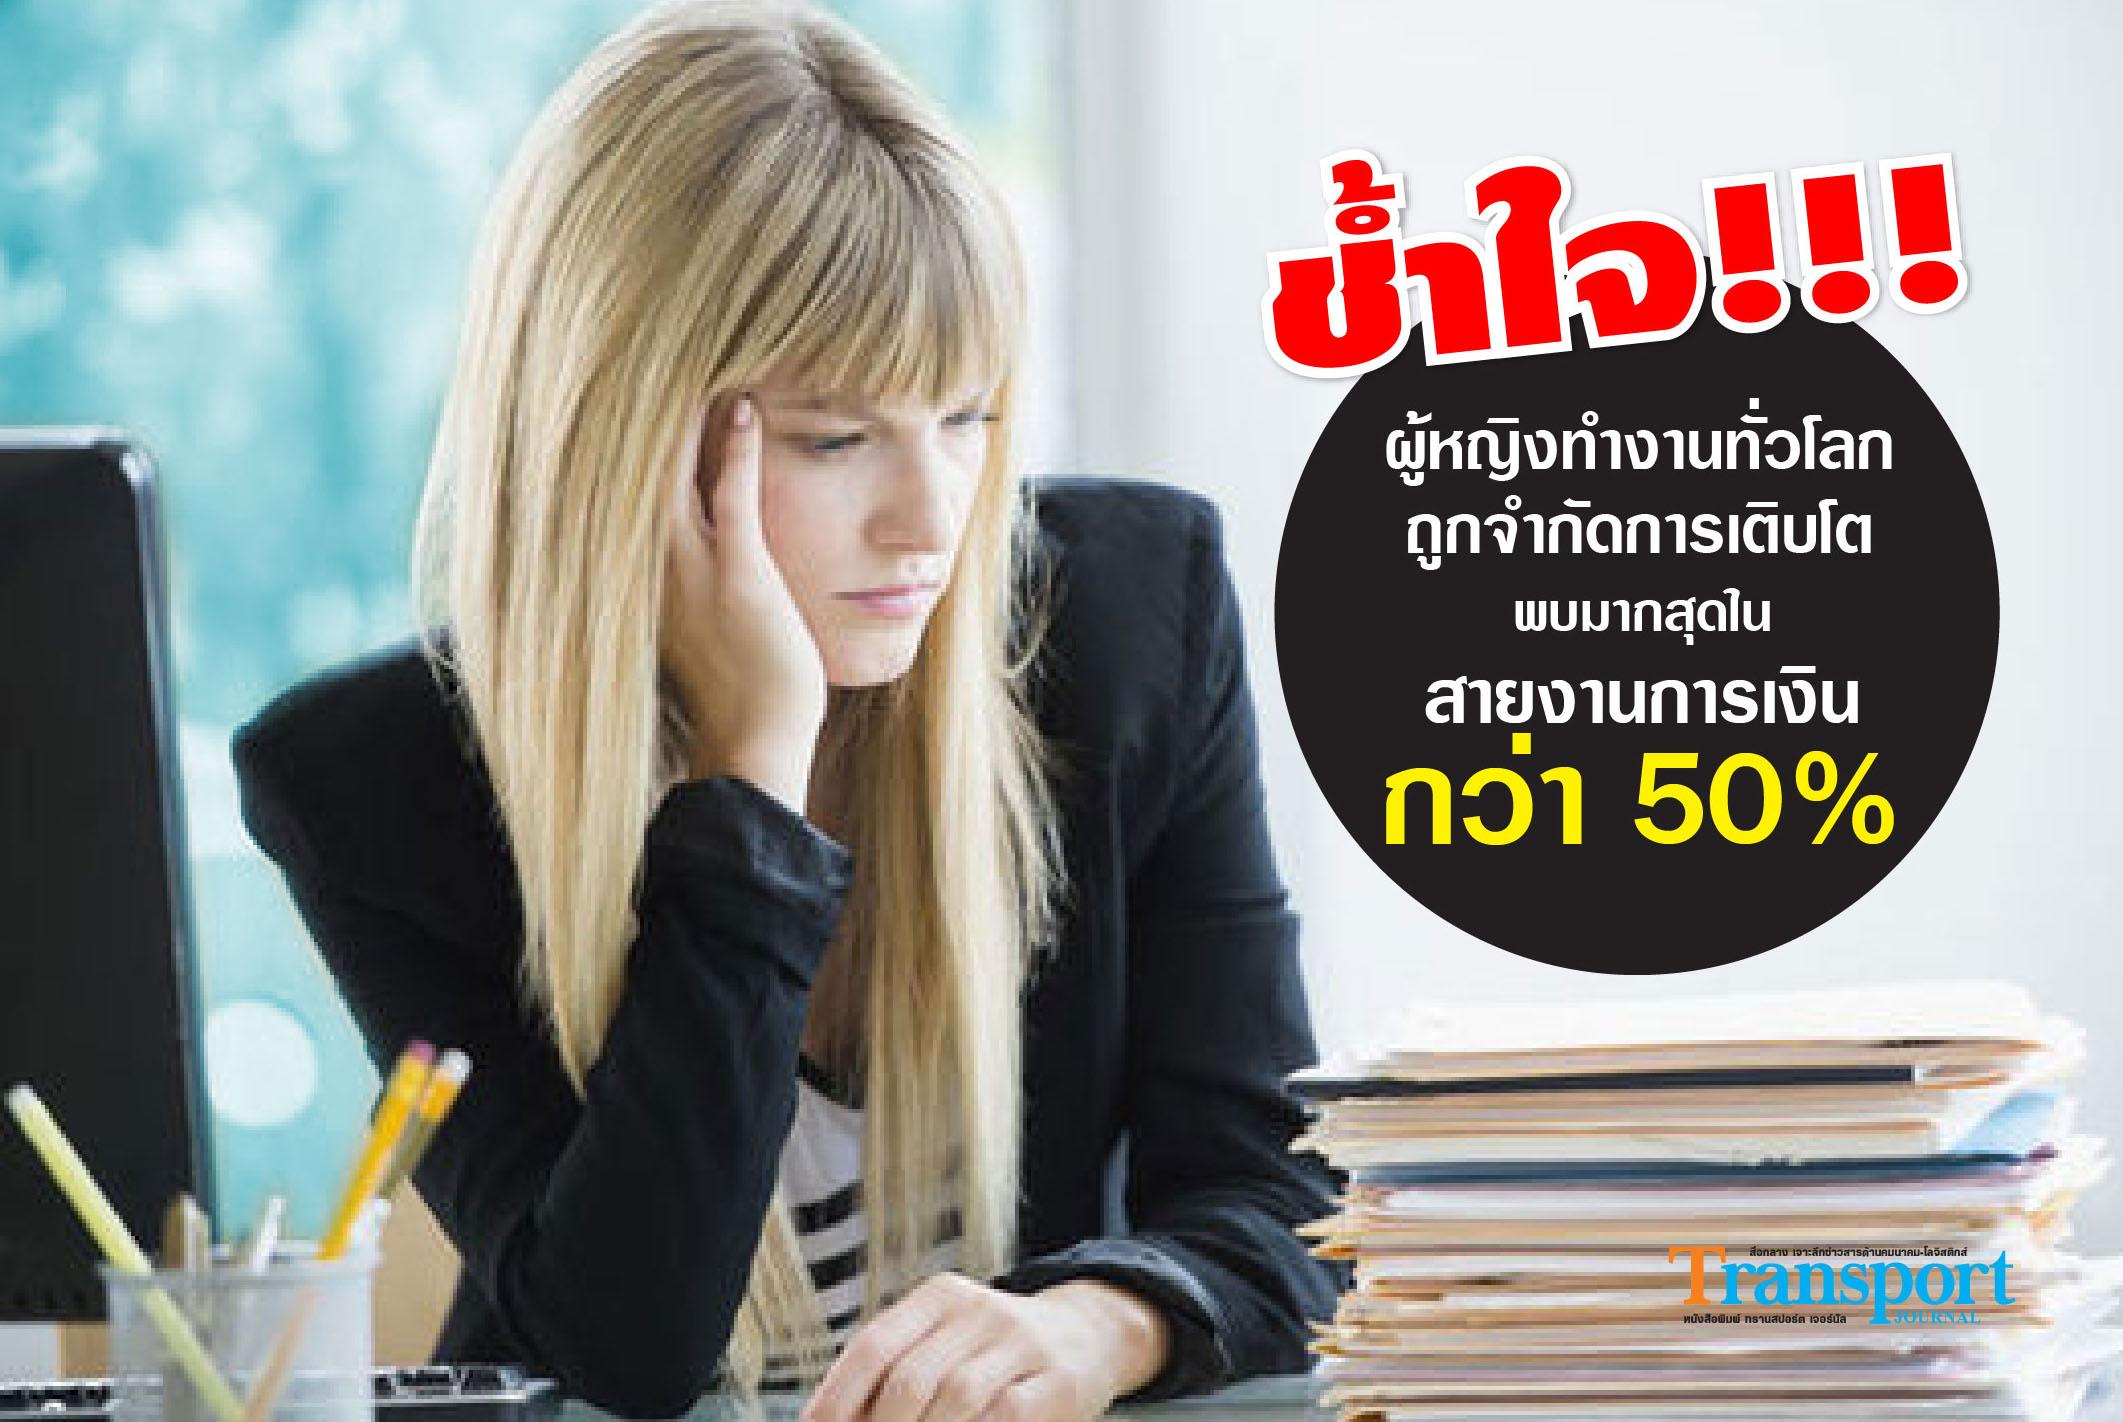 ช้ำใจ!!! ผู้หญิงทำงานทั่วโลกถูกจำกัดการเติบโต พบมากสุดในสายงานการเงินกว่า 50%